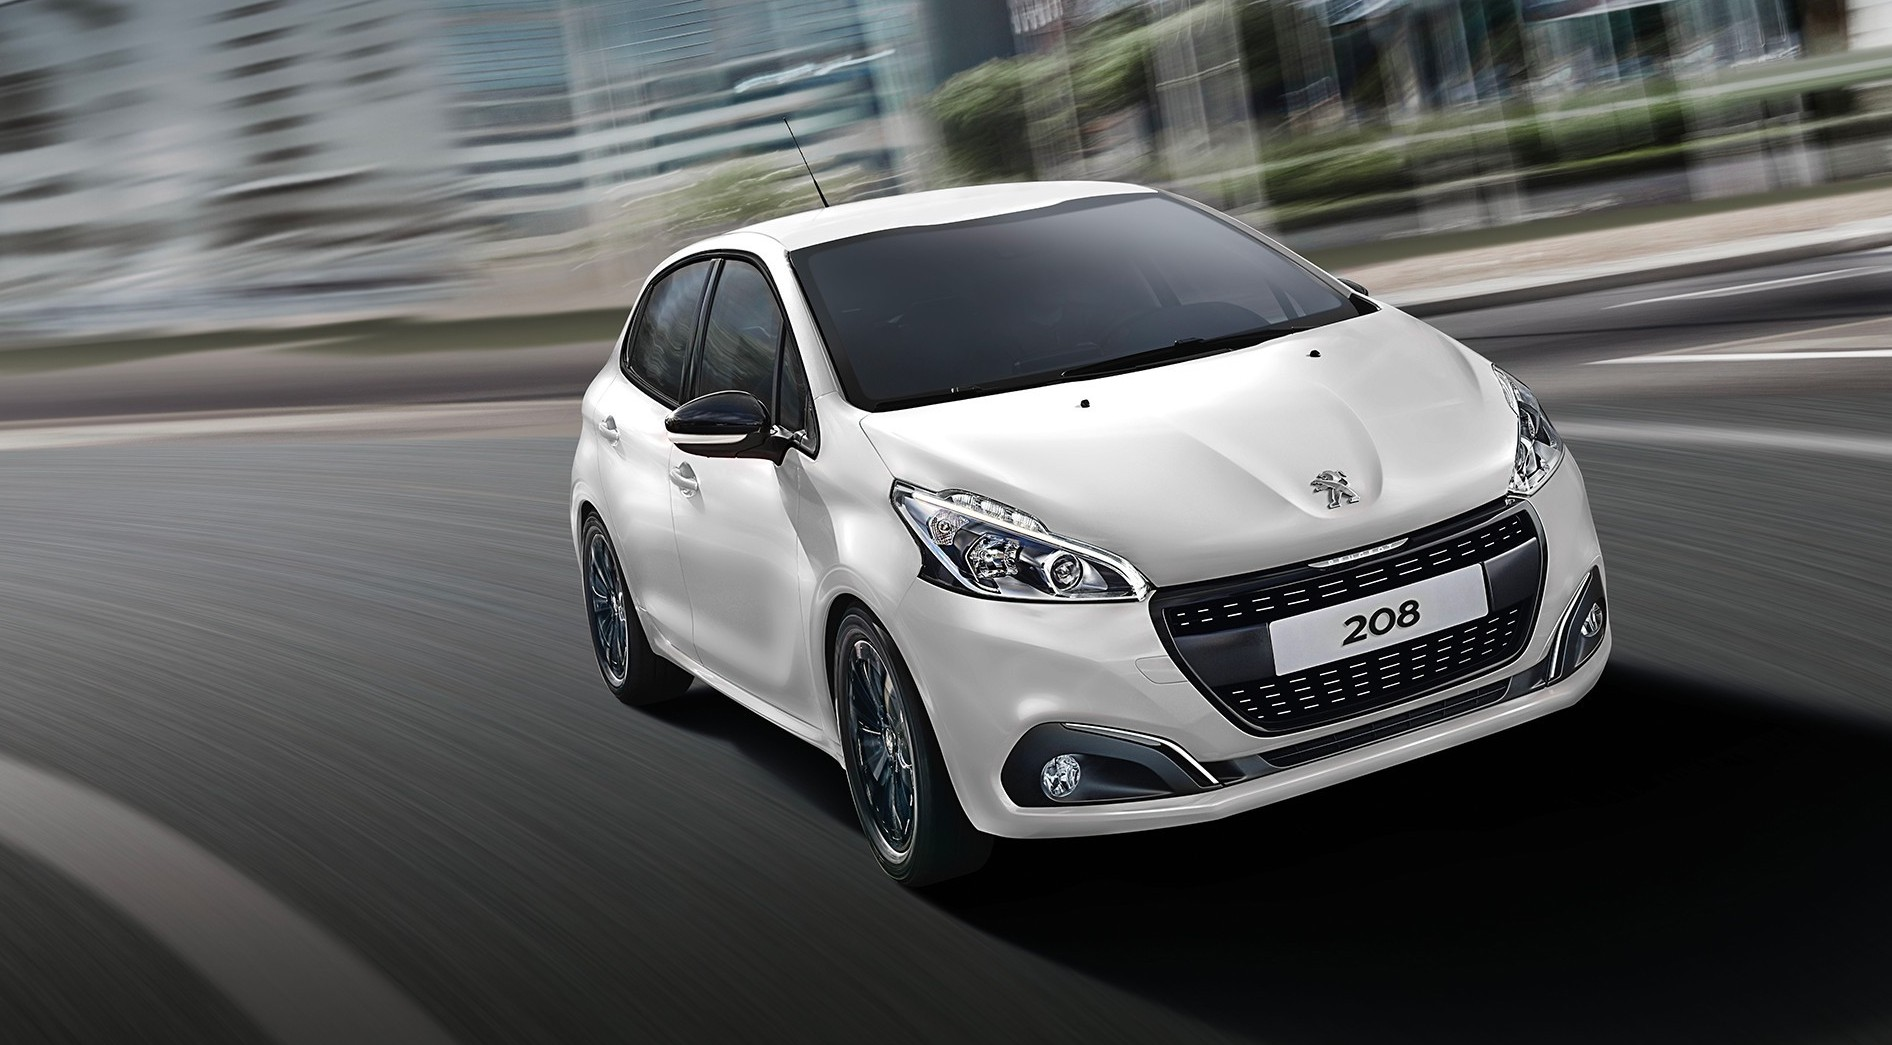 Auto Peugeot sconti e offerte Giugno 201